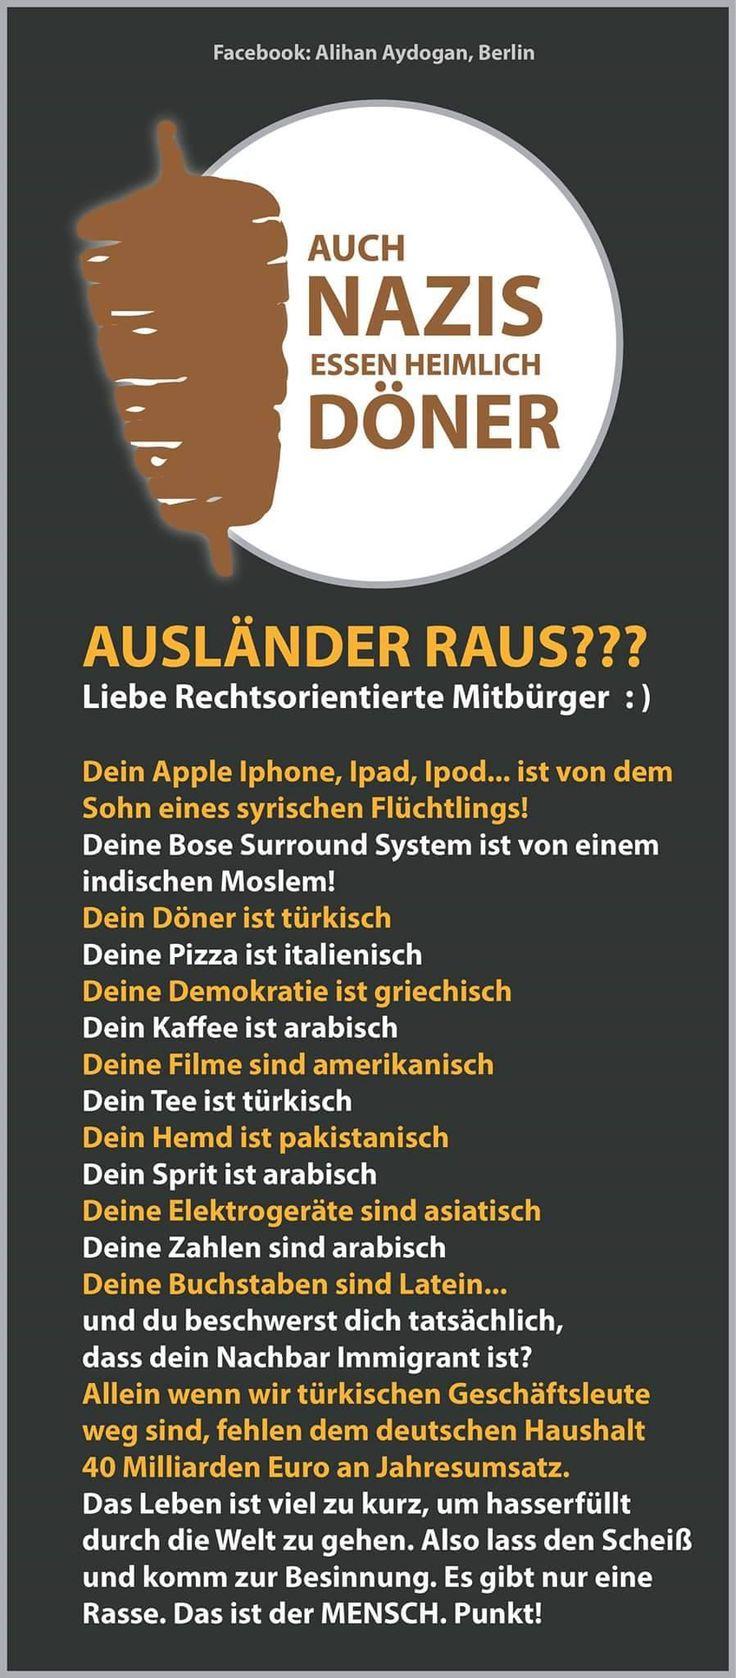 Scheiß Nazis dann Lernt unsere Kultur nicht! Lernt nicht auf Türkisch oder andere Wörter! Friesst kein Döner! Macht die AusländerInnen Nicht über ihr Lustig! Verpisst euch und spricht kein hass rede mehr ihr losers! Ihr könnts einfach nur alles hassen, und spricht nicht mit Ausländer wenn ihr ihnen Hasst! Shut up Nazi